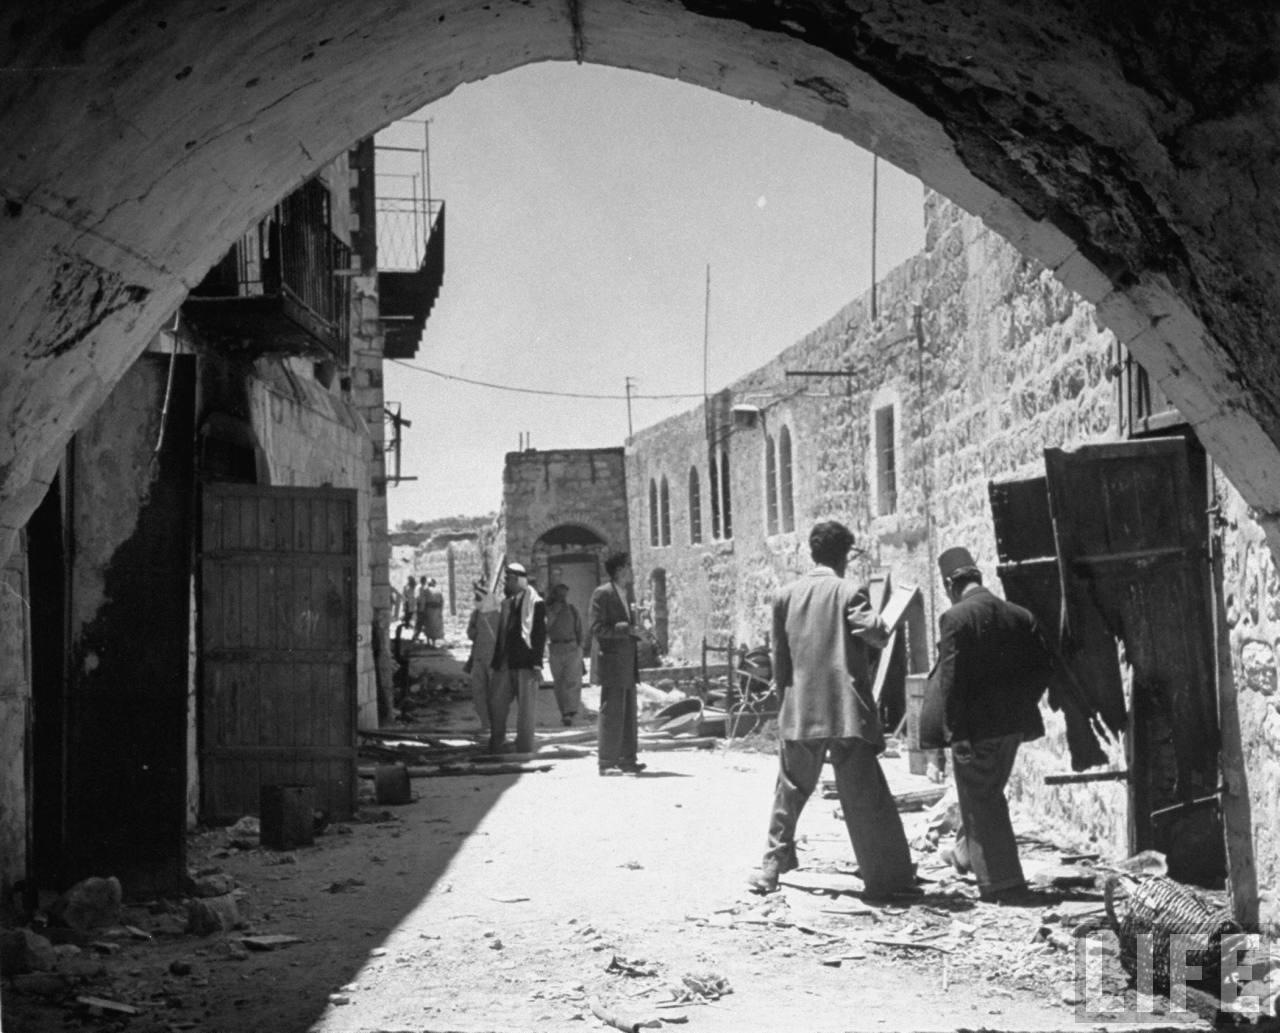 Еврейский квартал Иерусалима после бегства евреев. Июнь